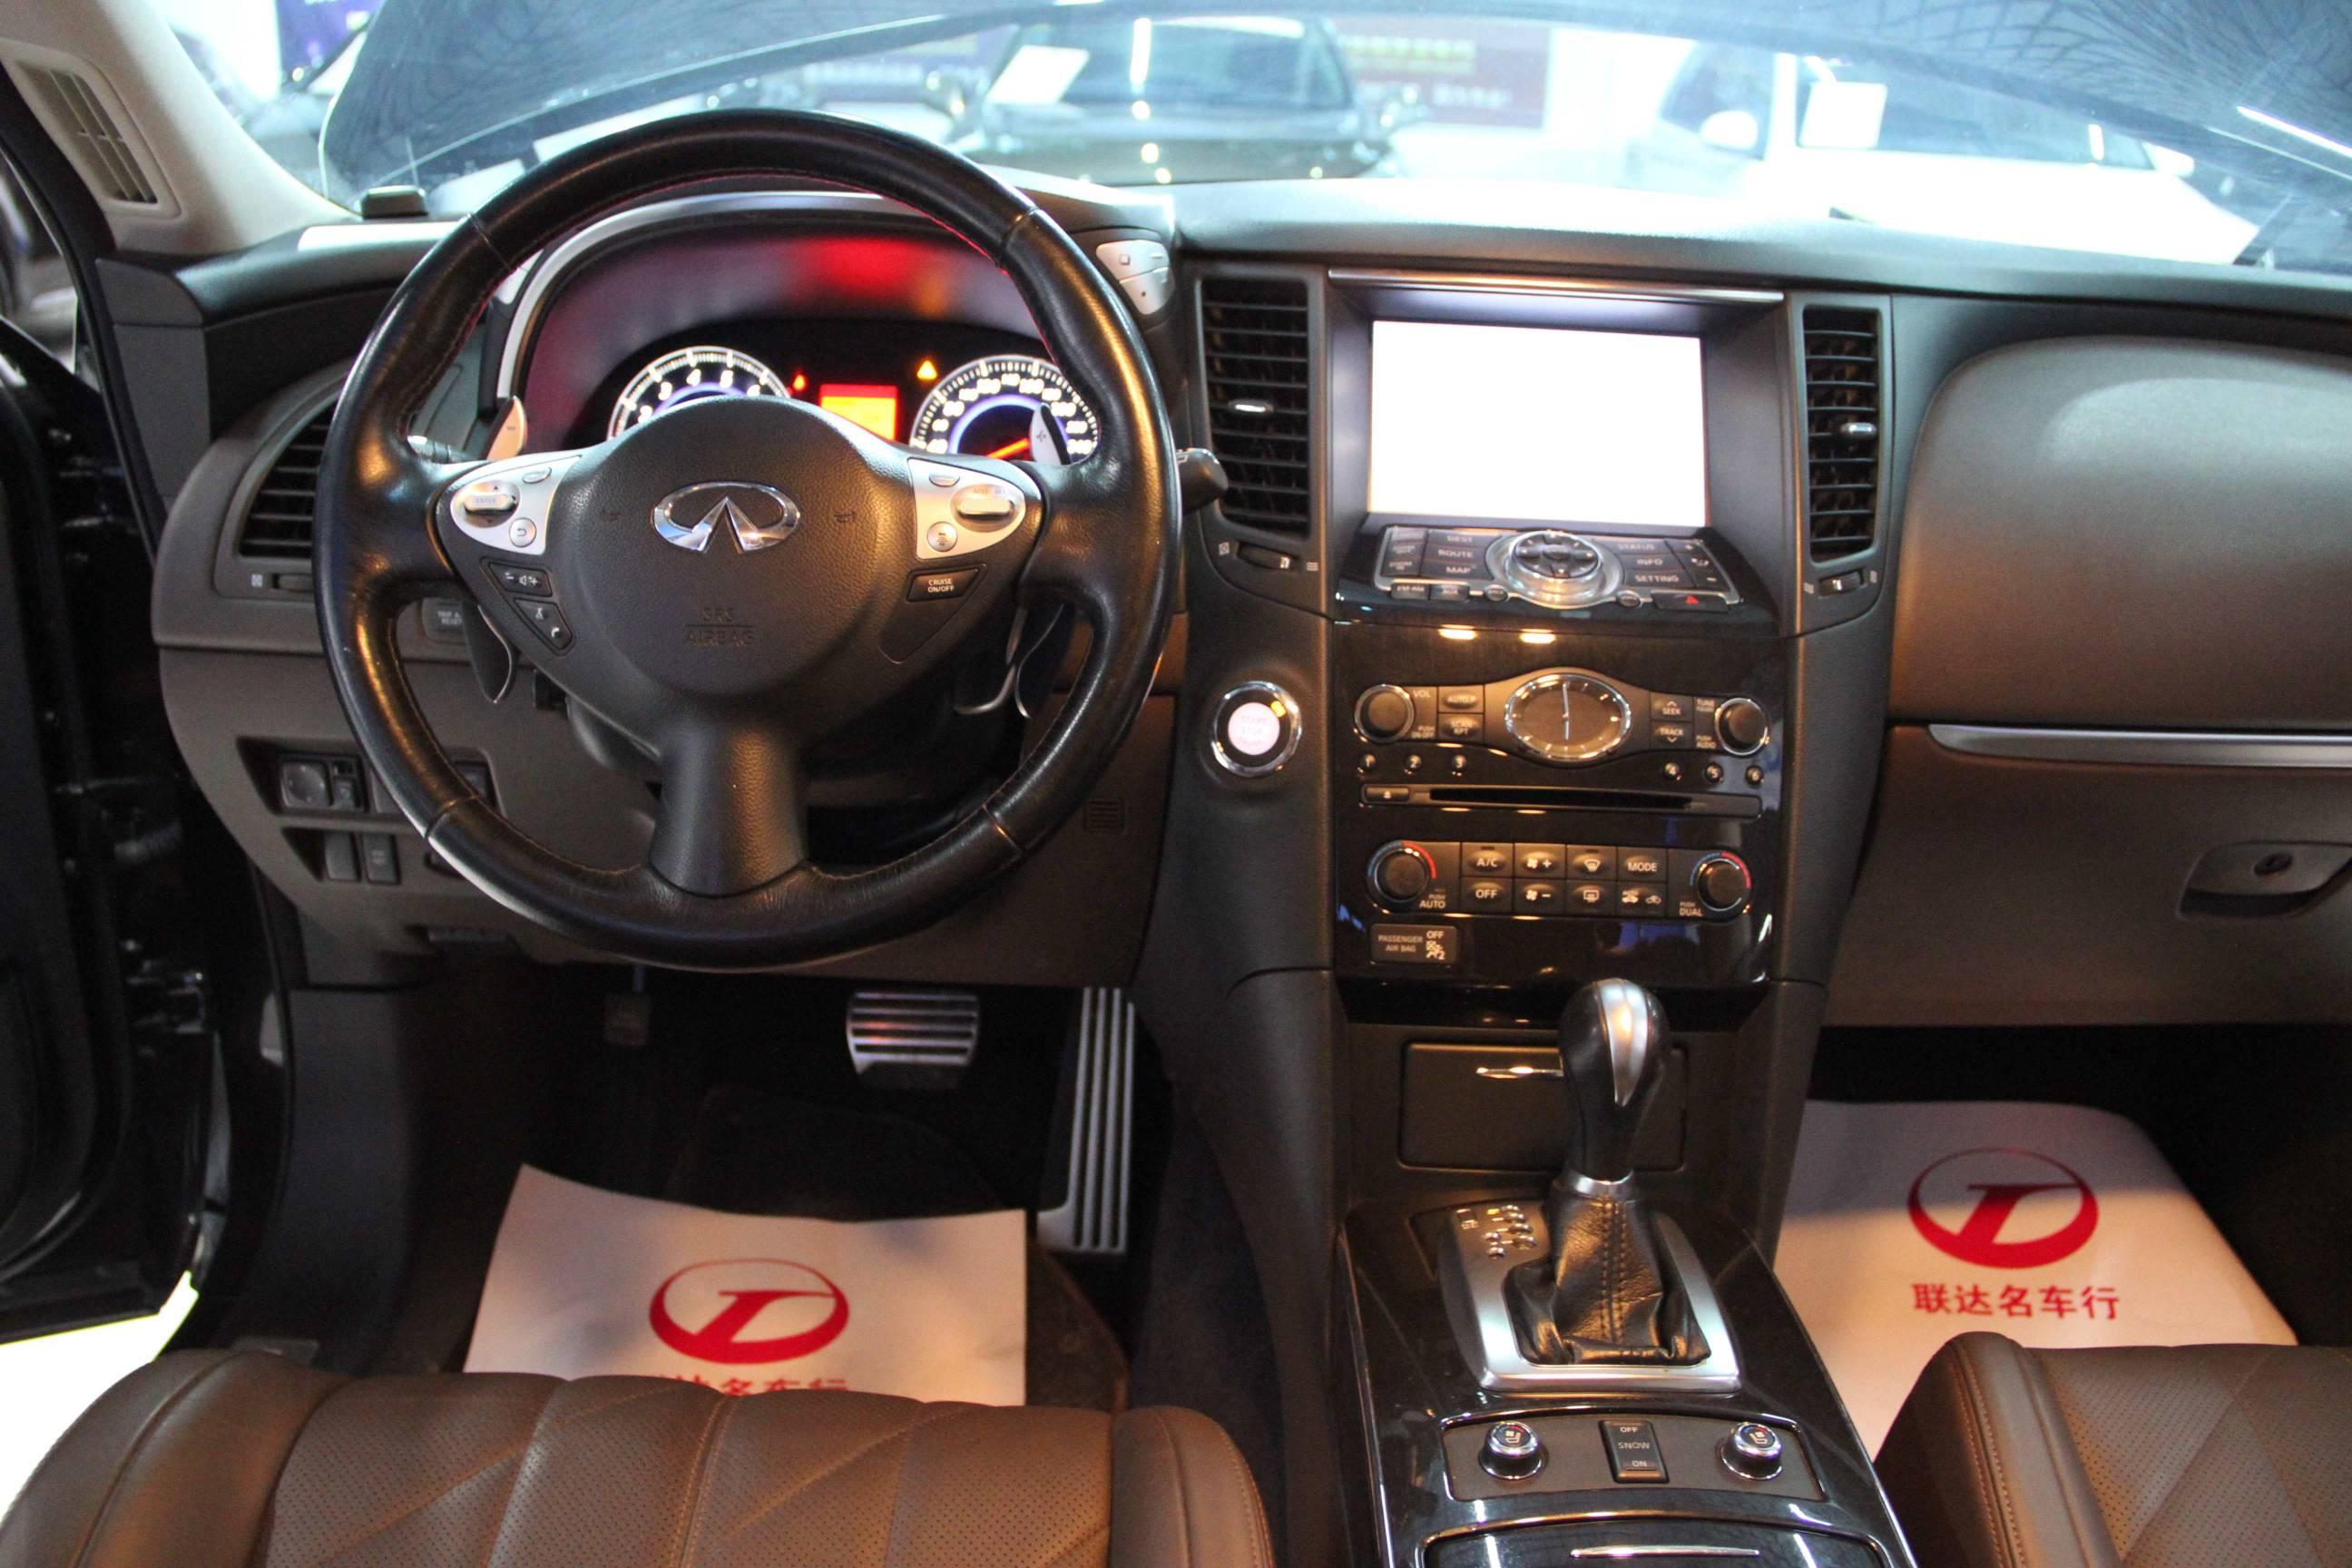 2011款英菲尼迪fxfx35超越版亮点车主〔附言v亮点〕自适应巡航更换起亚k3发动机图片